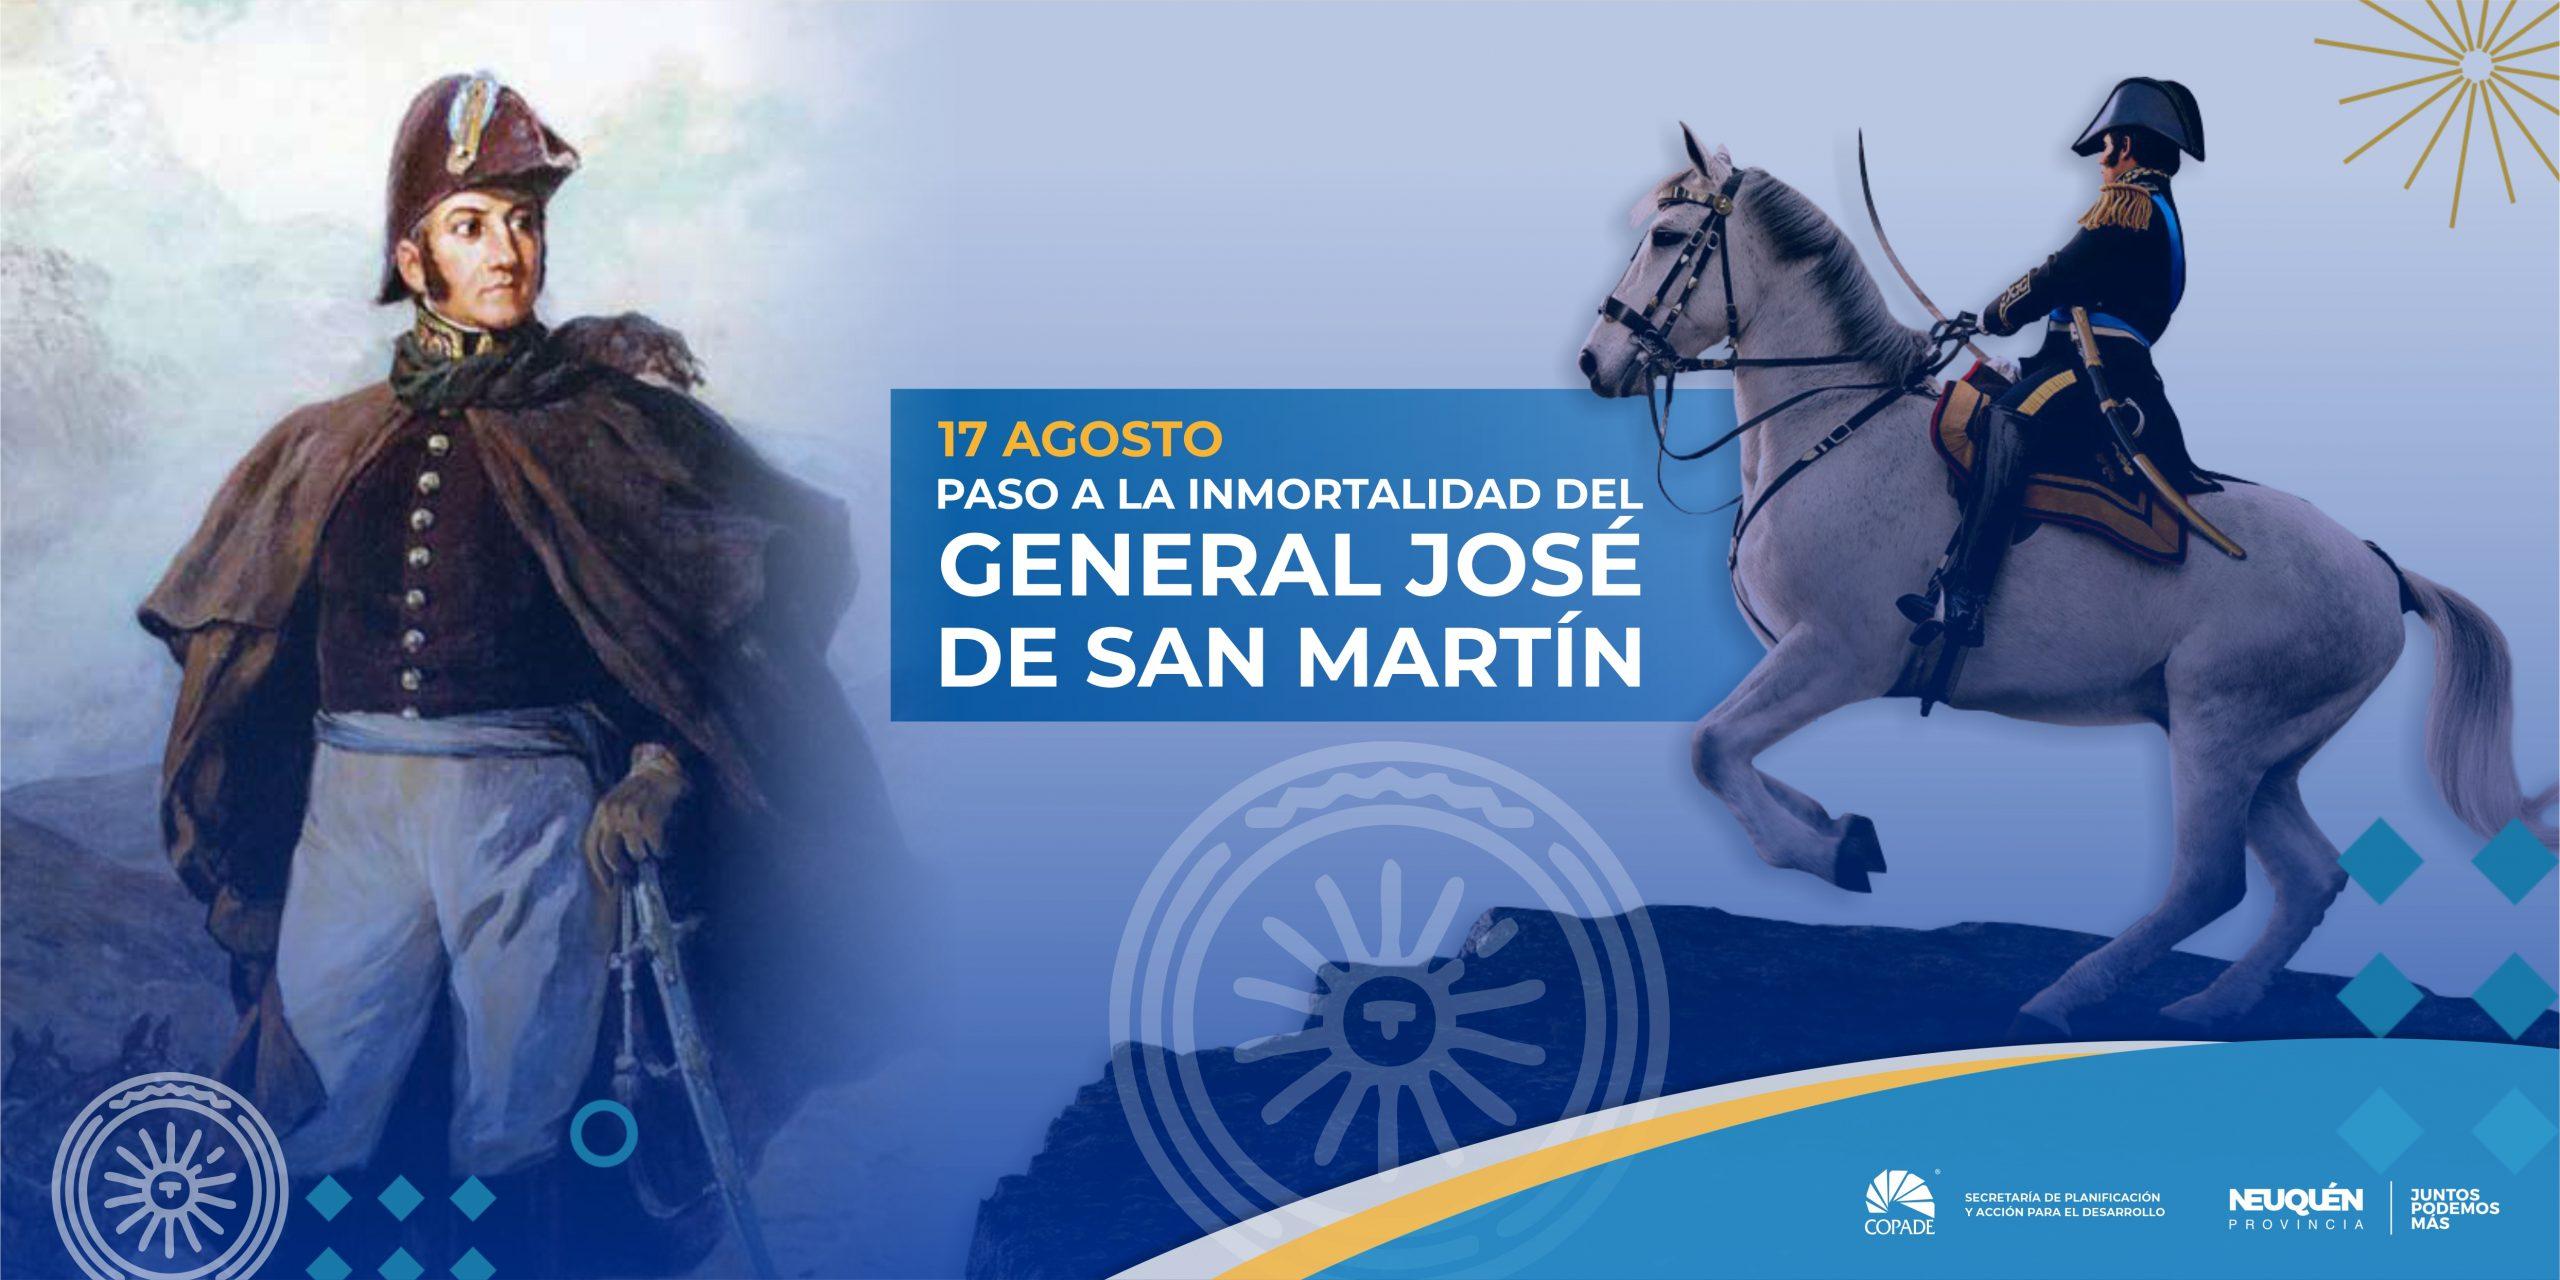 17 de Agosto | Paso a la Inmortalidad del Gral. José de San Martín